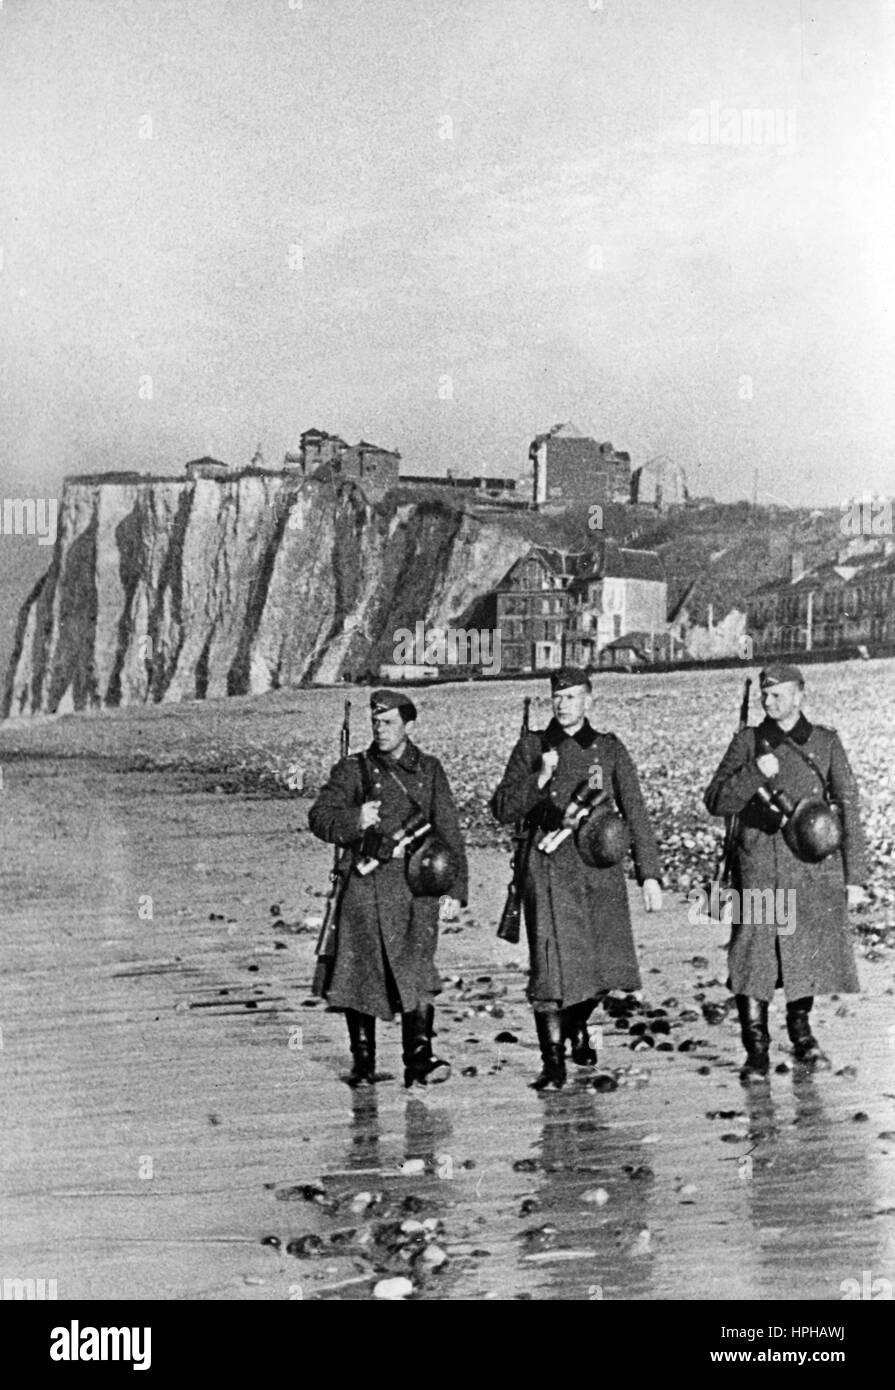 Nazi Soldiers 1942 Stockfotos & Nazi Soldiers 1942 Bilder - Seite 3 ...